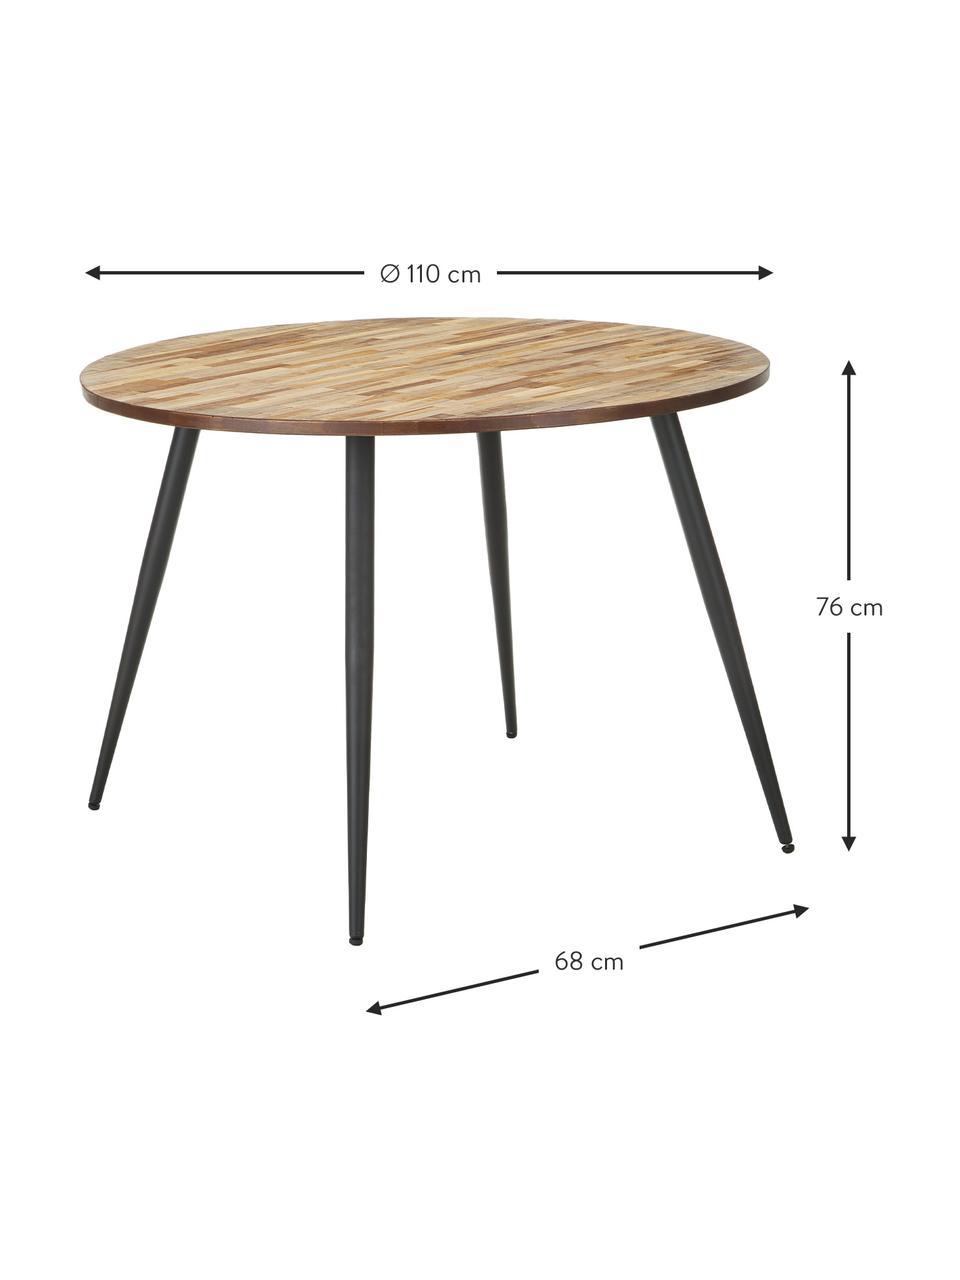 Ronde eettafel Mo met teakhouten tafelblad, Poten: gelakt en gecoat staal, Tafelblad: teakhoutkleurig. Poten: zwart, Ø 110 x H 76 cm